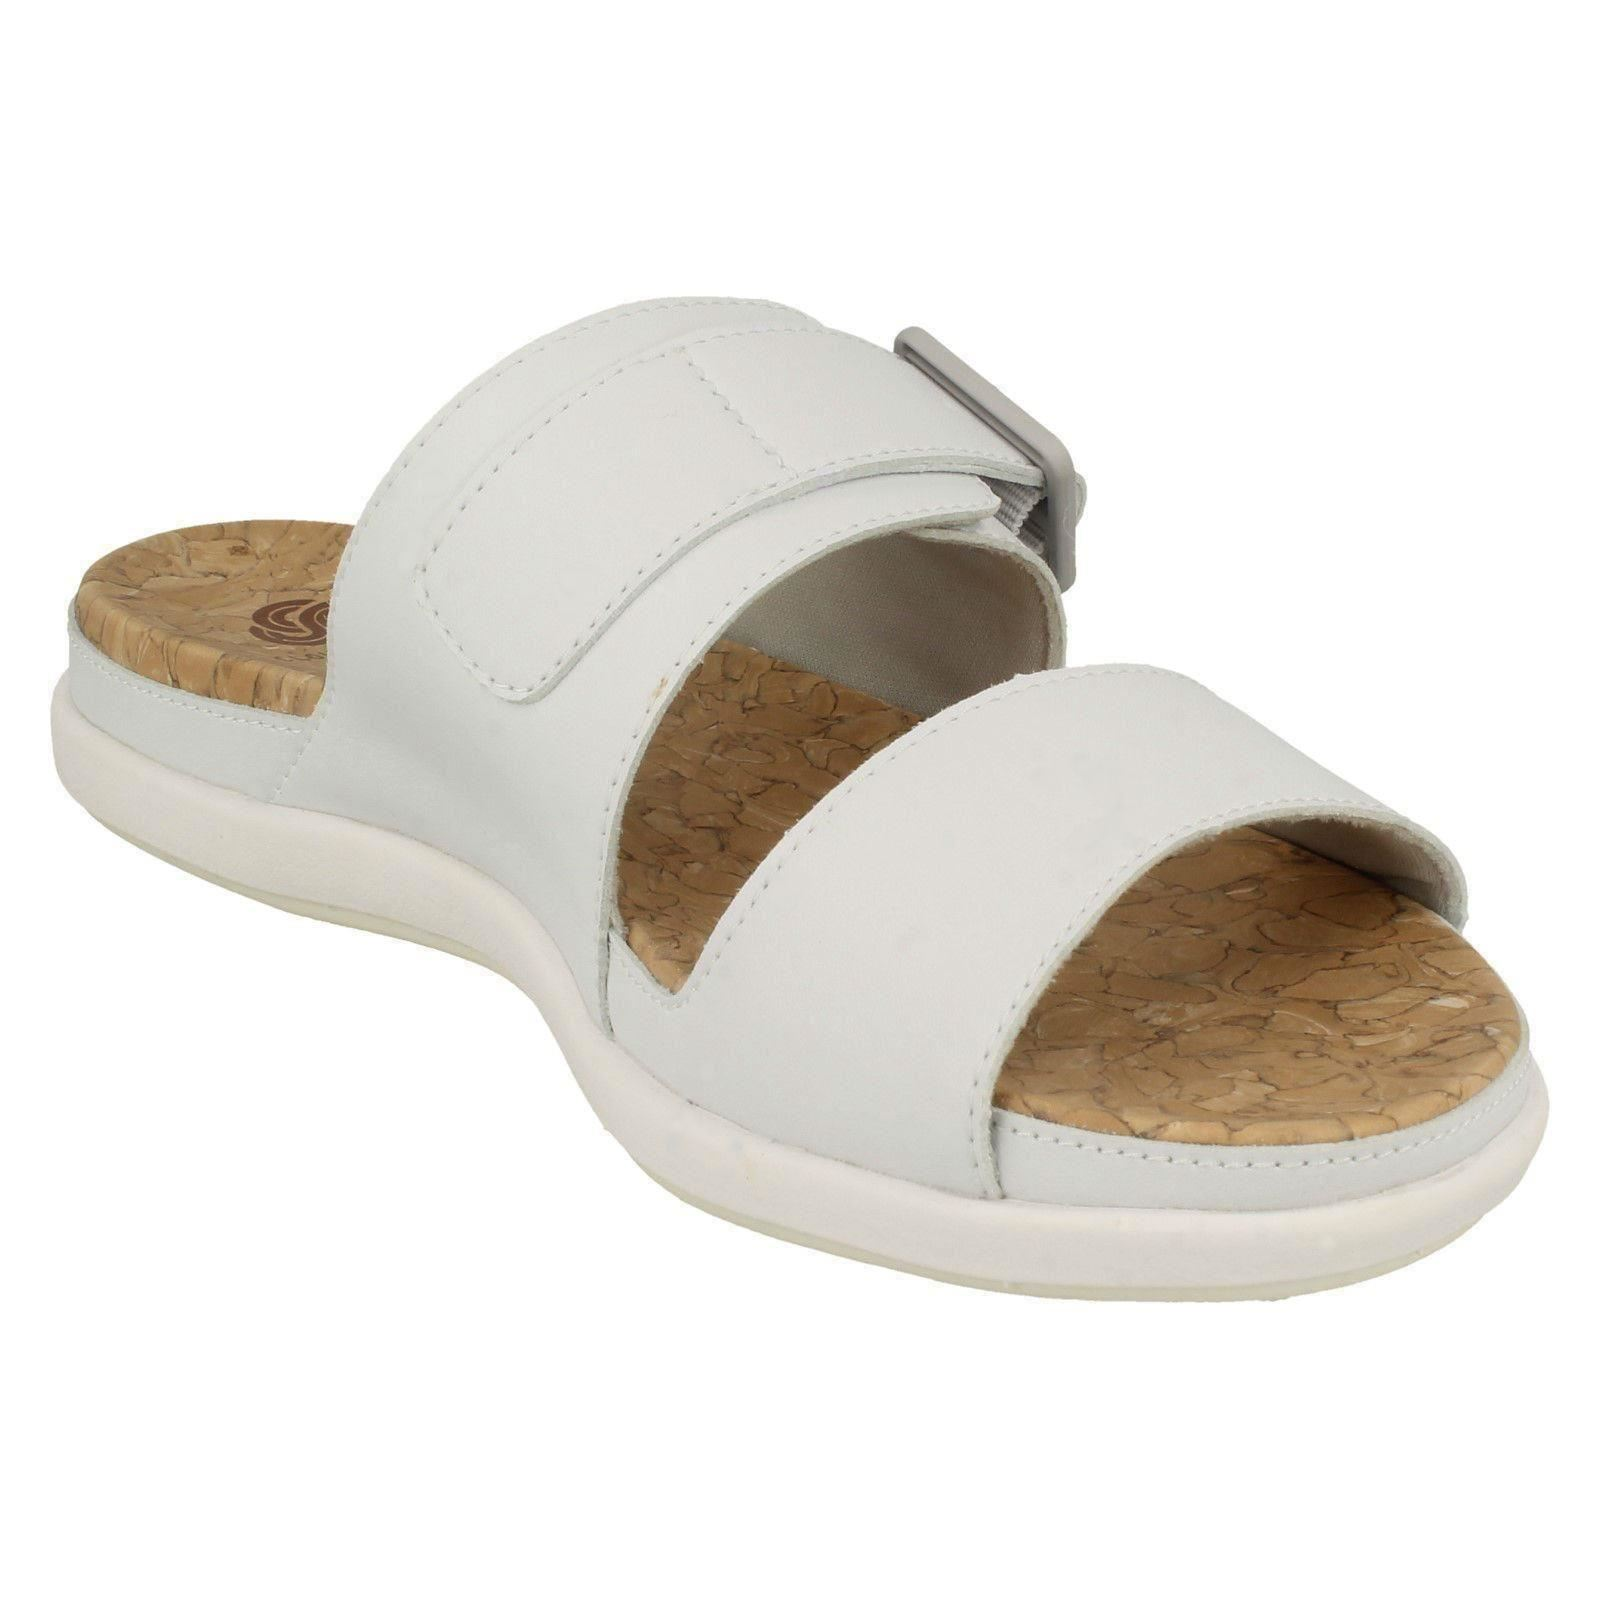 Signore Clarks cloudsteppers Mule Sandali-Step GIUGNO Tide Tide Tide | A Prezzi Convenienti  | Maschio/Ragazze Scarpa  d6a4cd